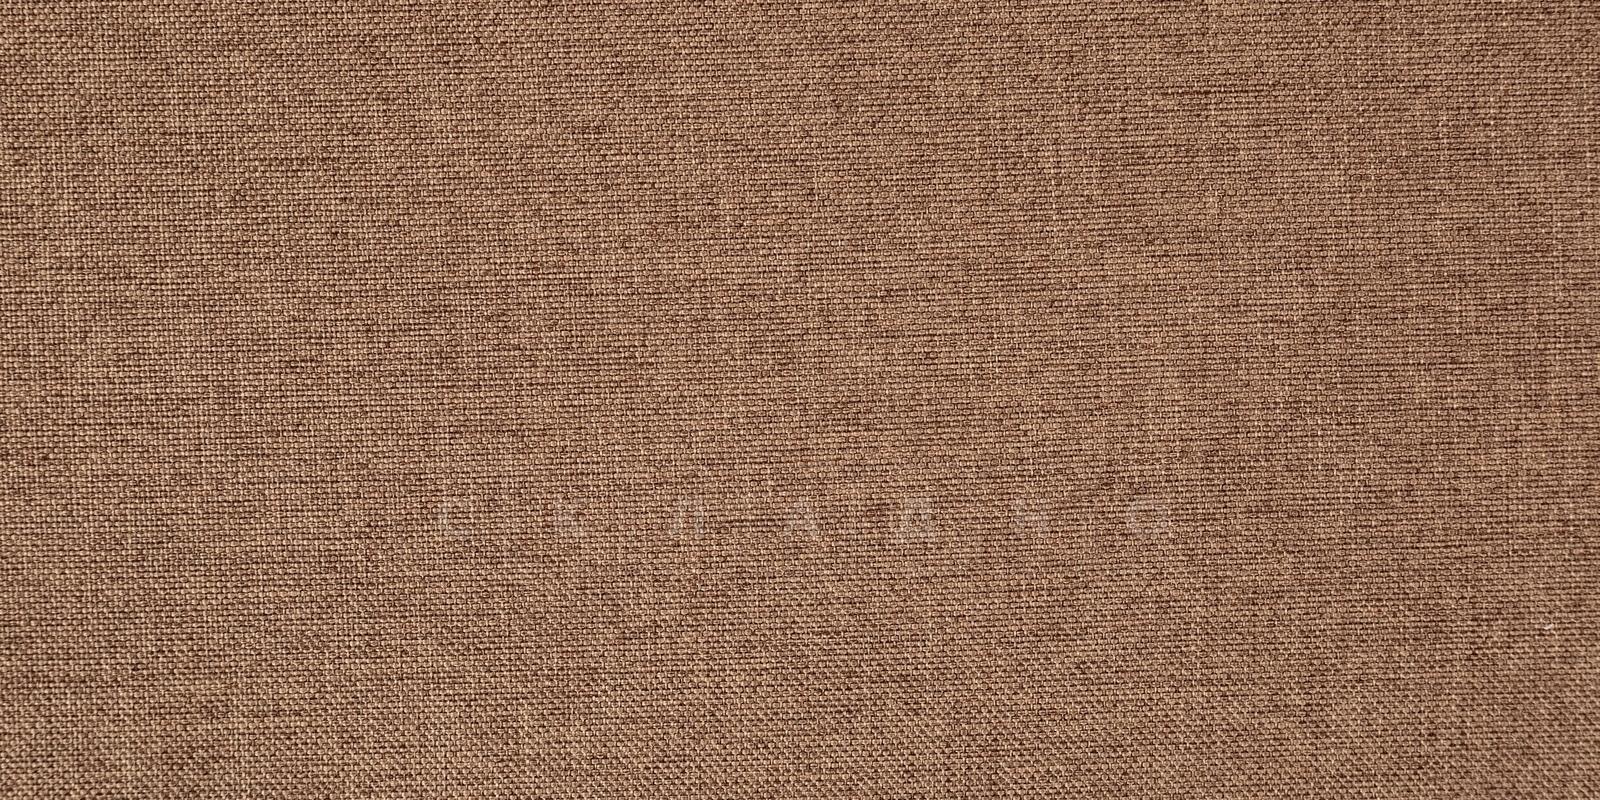 Кресло Медисон 100см коричневого цвета фото 7 | интернет-магазин Складно